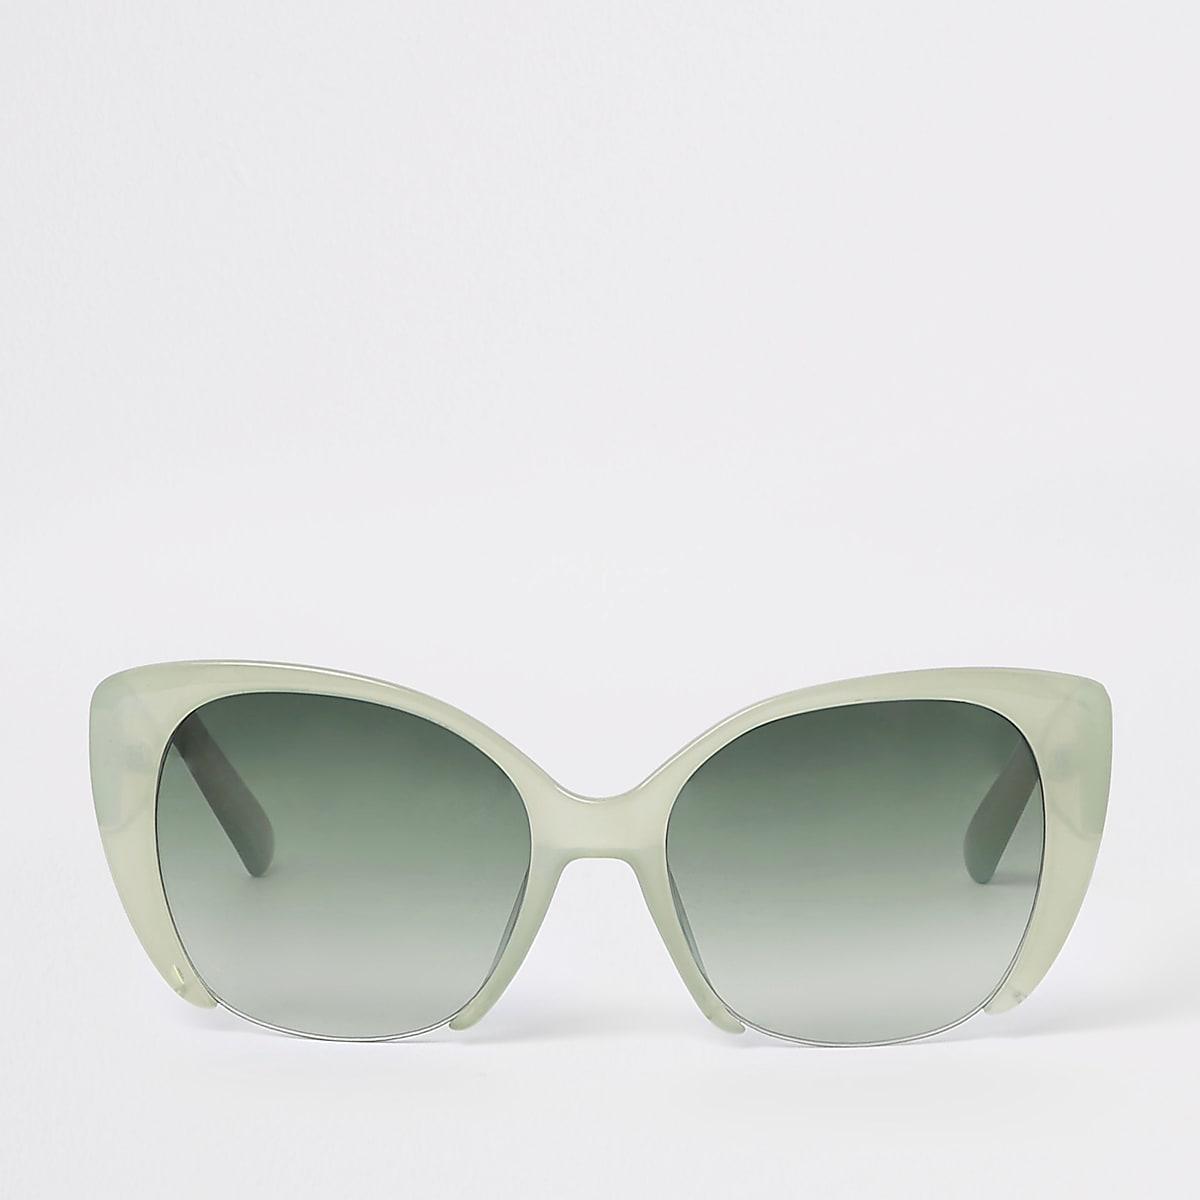 Lunettes de soleil œil de chat à verres verts